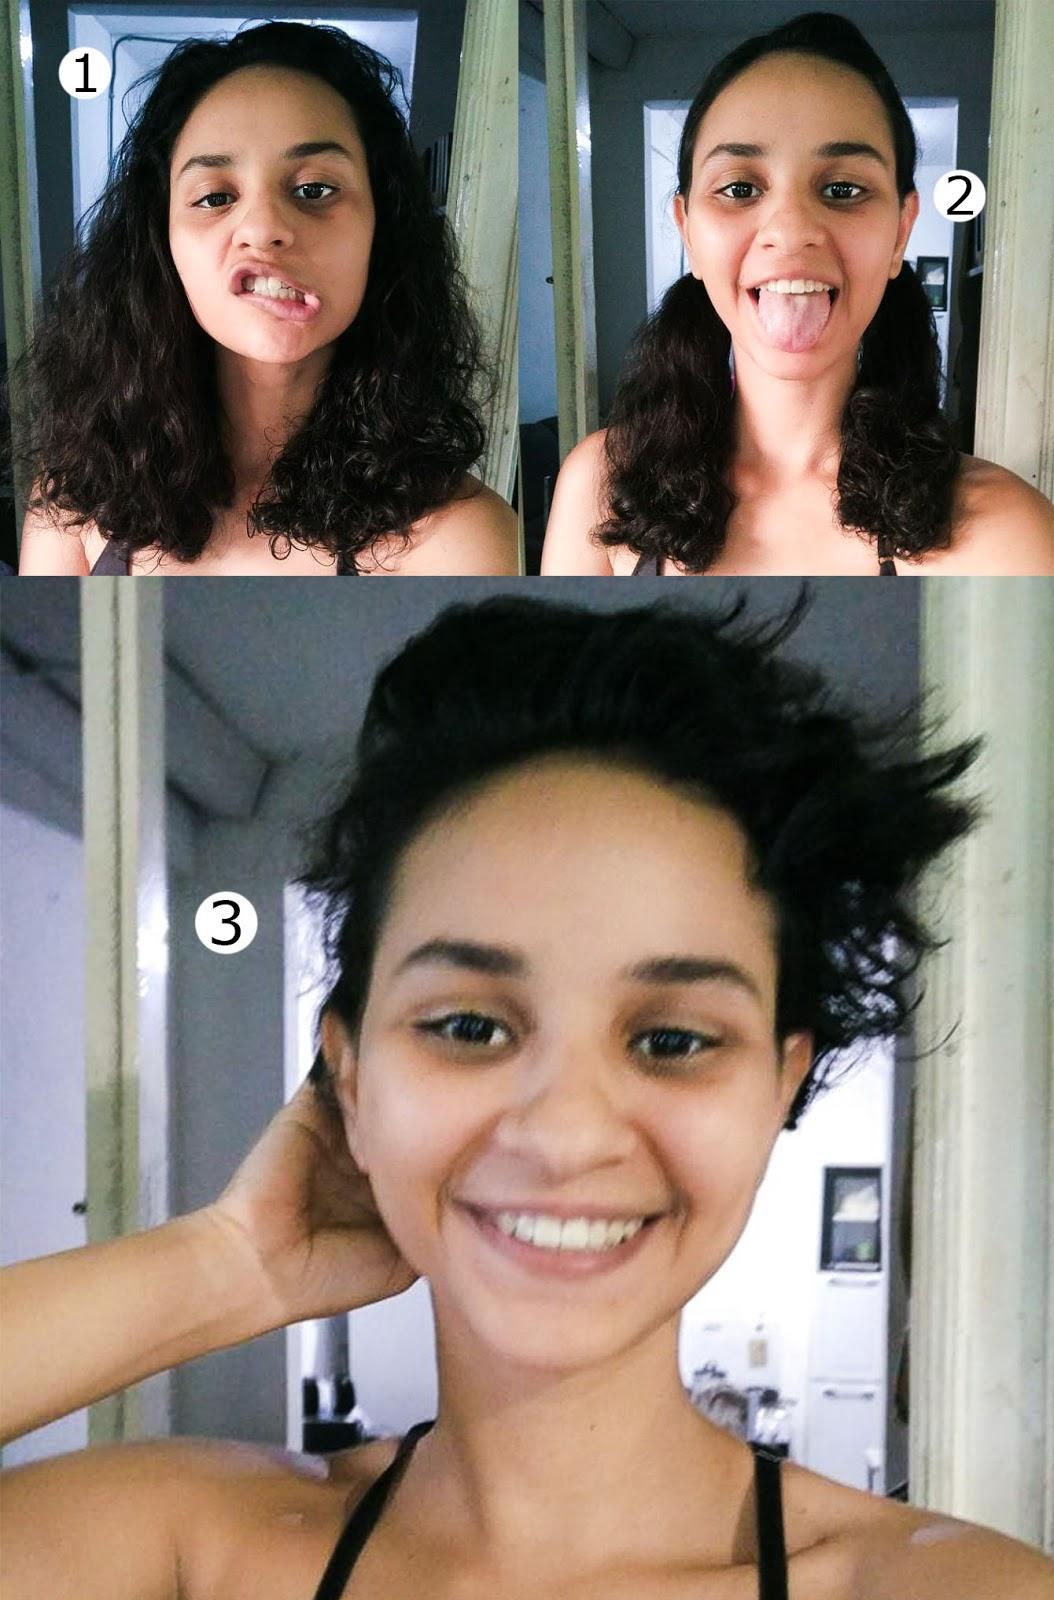 passo a passo de como cortar o cabelo para doar